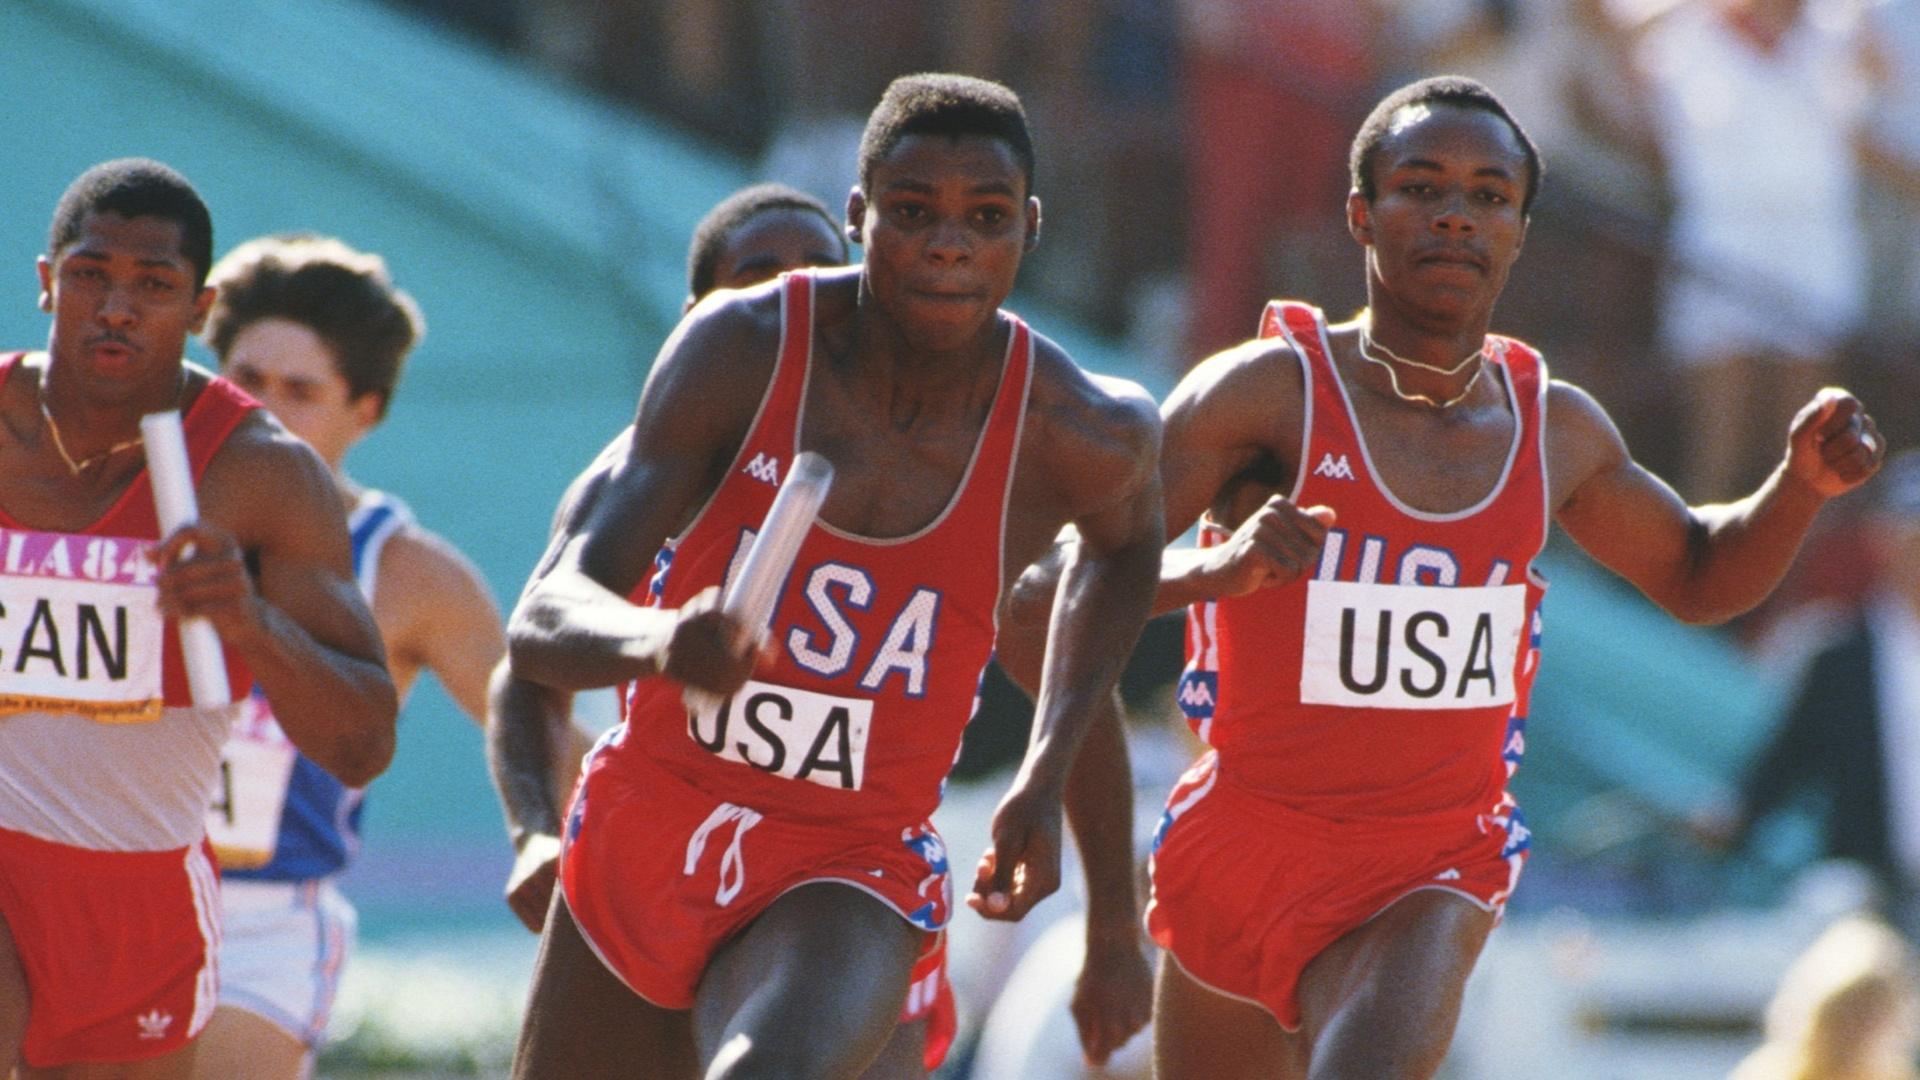 11.ago.1984 - Carl Lewis pega o bastão e finaliza o revezamento dos Estados Unidos para vencer o 4 x 100 m na Olimpíada de Los Angeles-1984